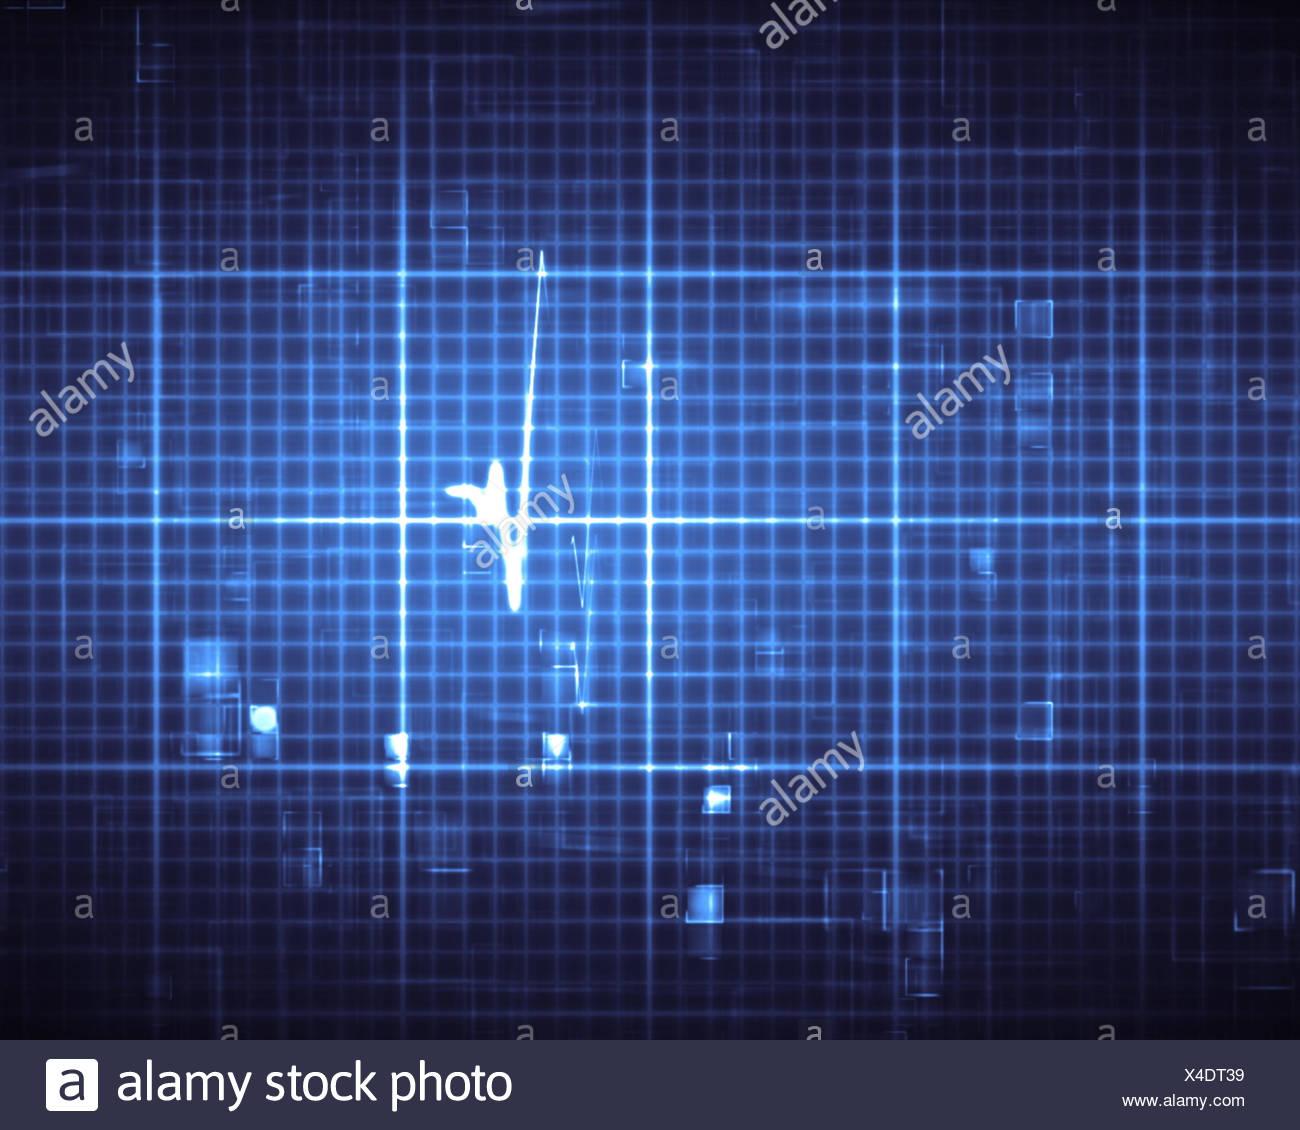 Großzügig Telemetrie Herzmonitor Drähte Fotos - Elektrische ...